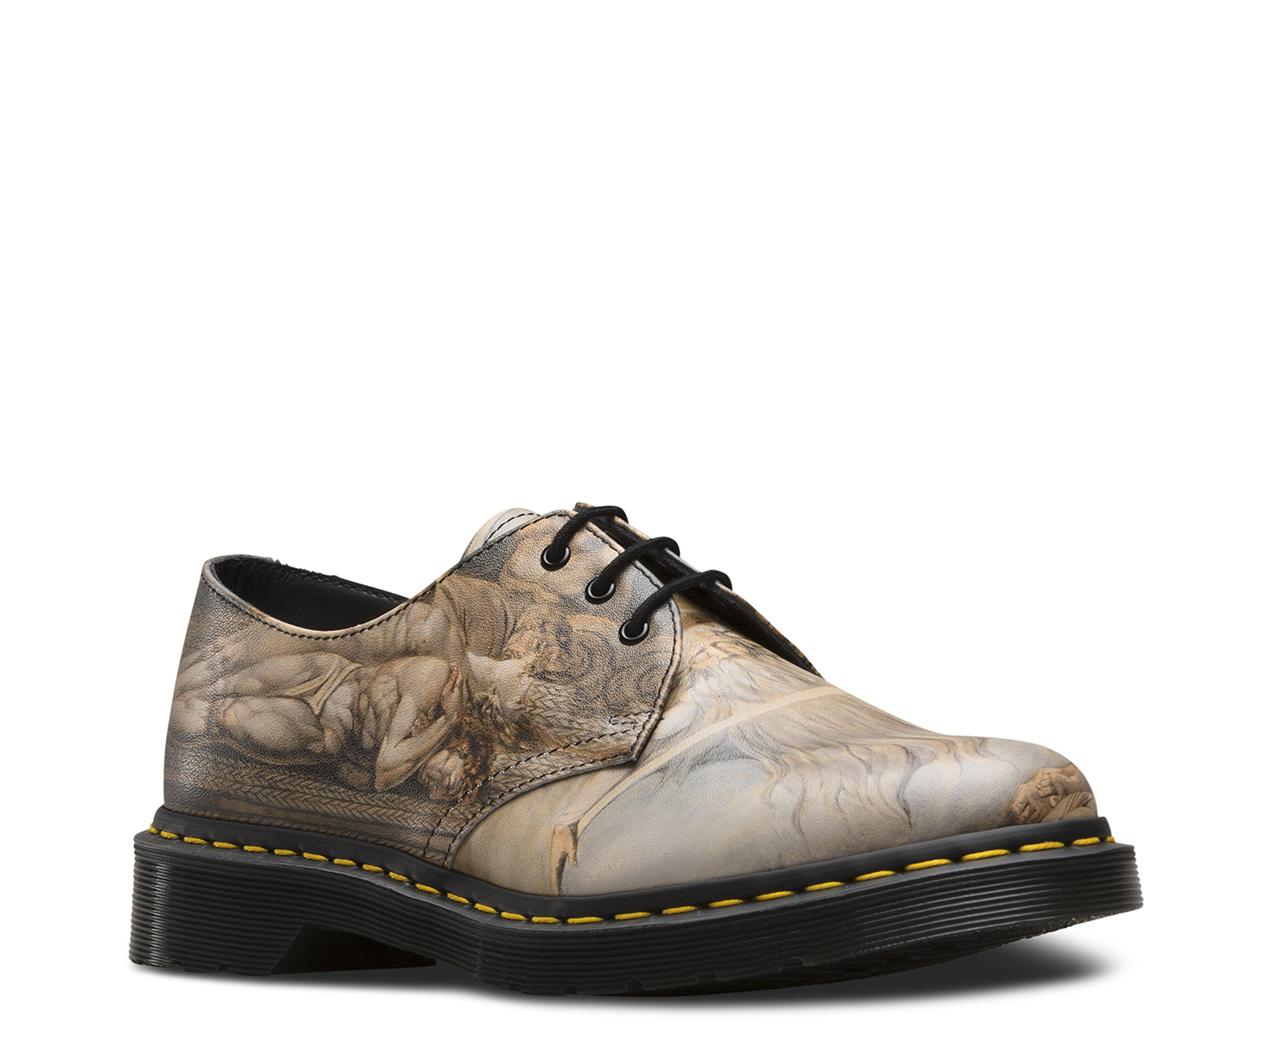 Chaussures Dr. Martens William Blake 1461